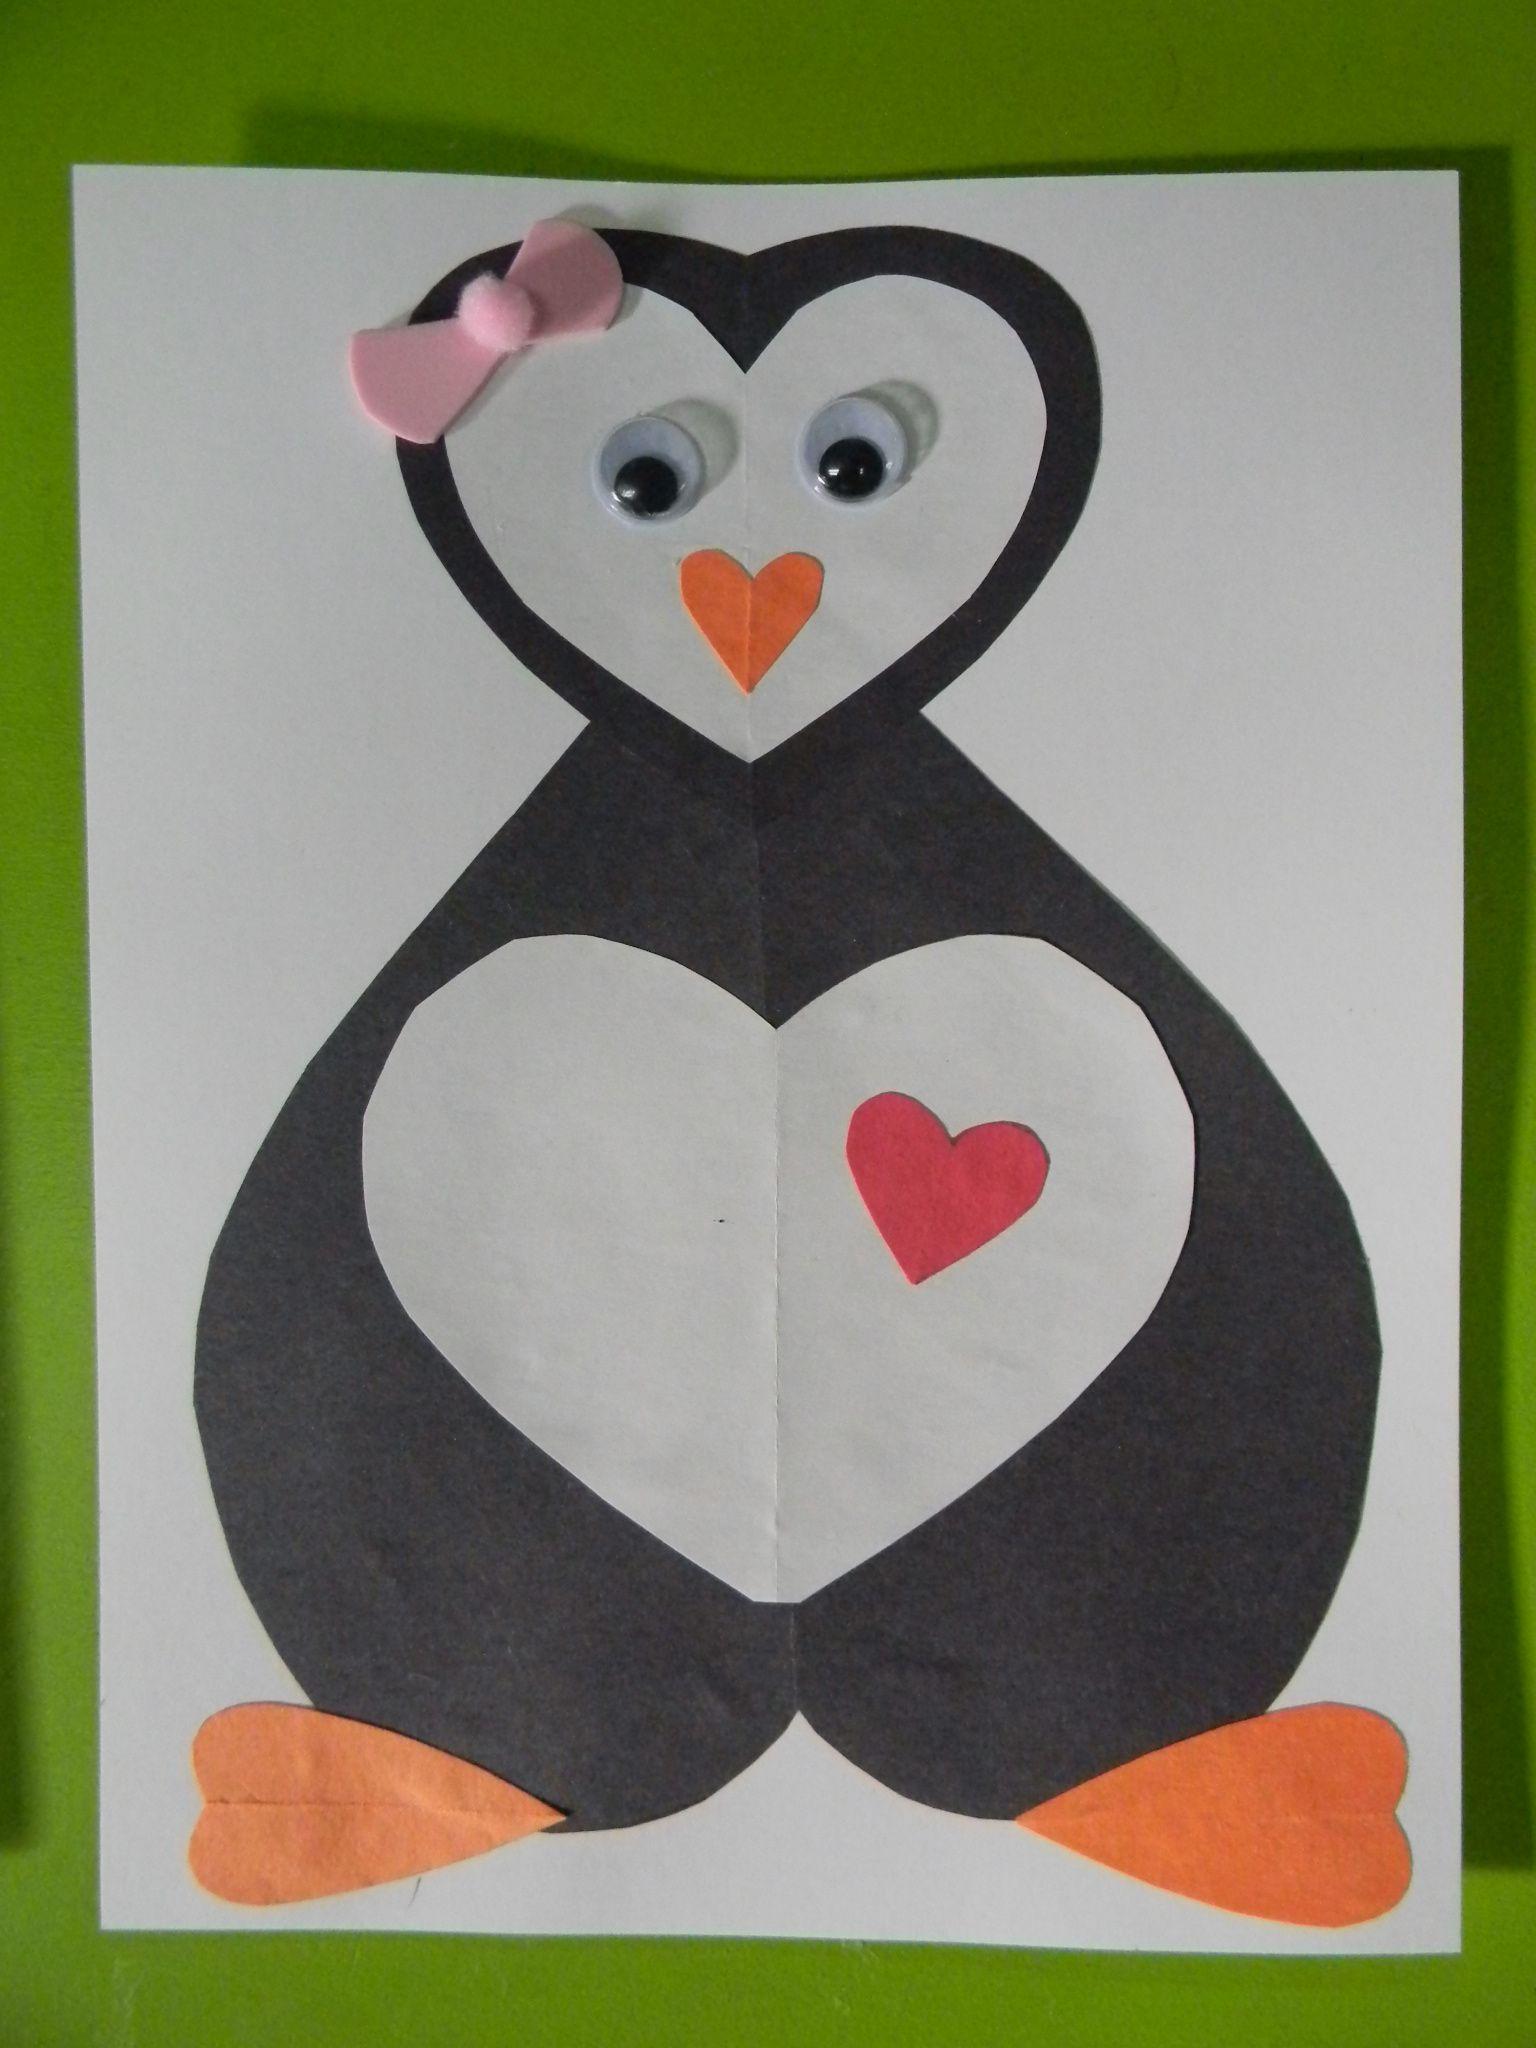 Brico st valentin activit s manuelles pour enfants pinterest bricolage bricolage st - Bricolage st valentin ...